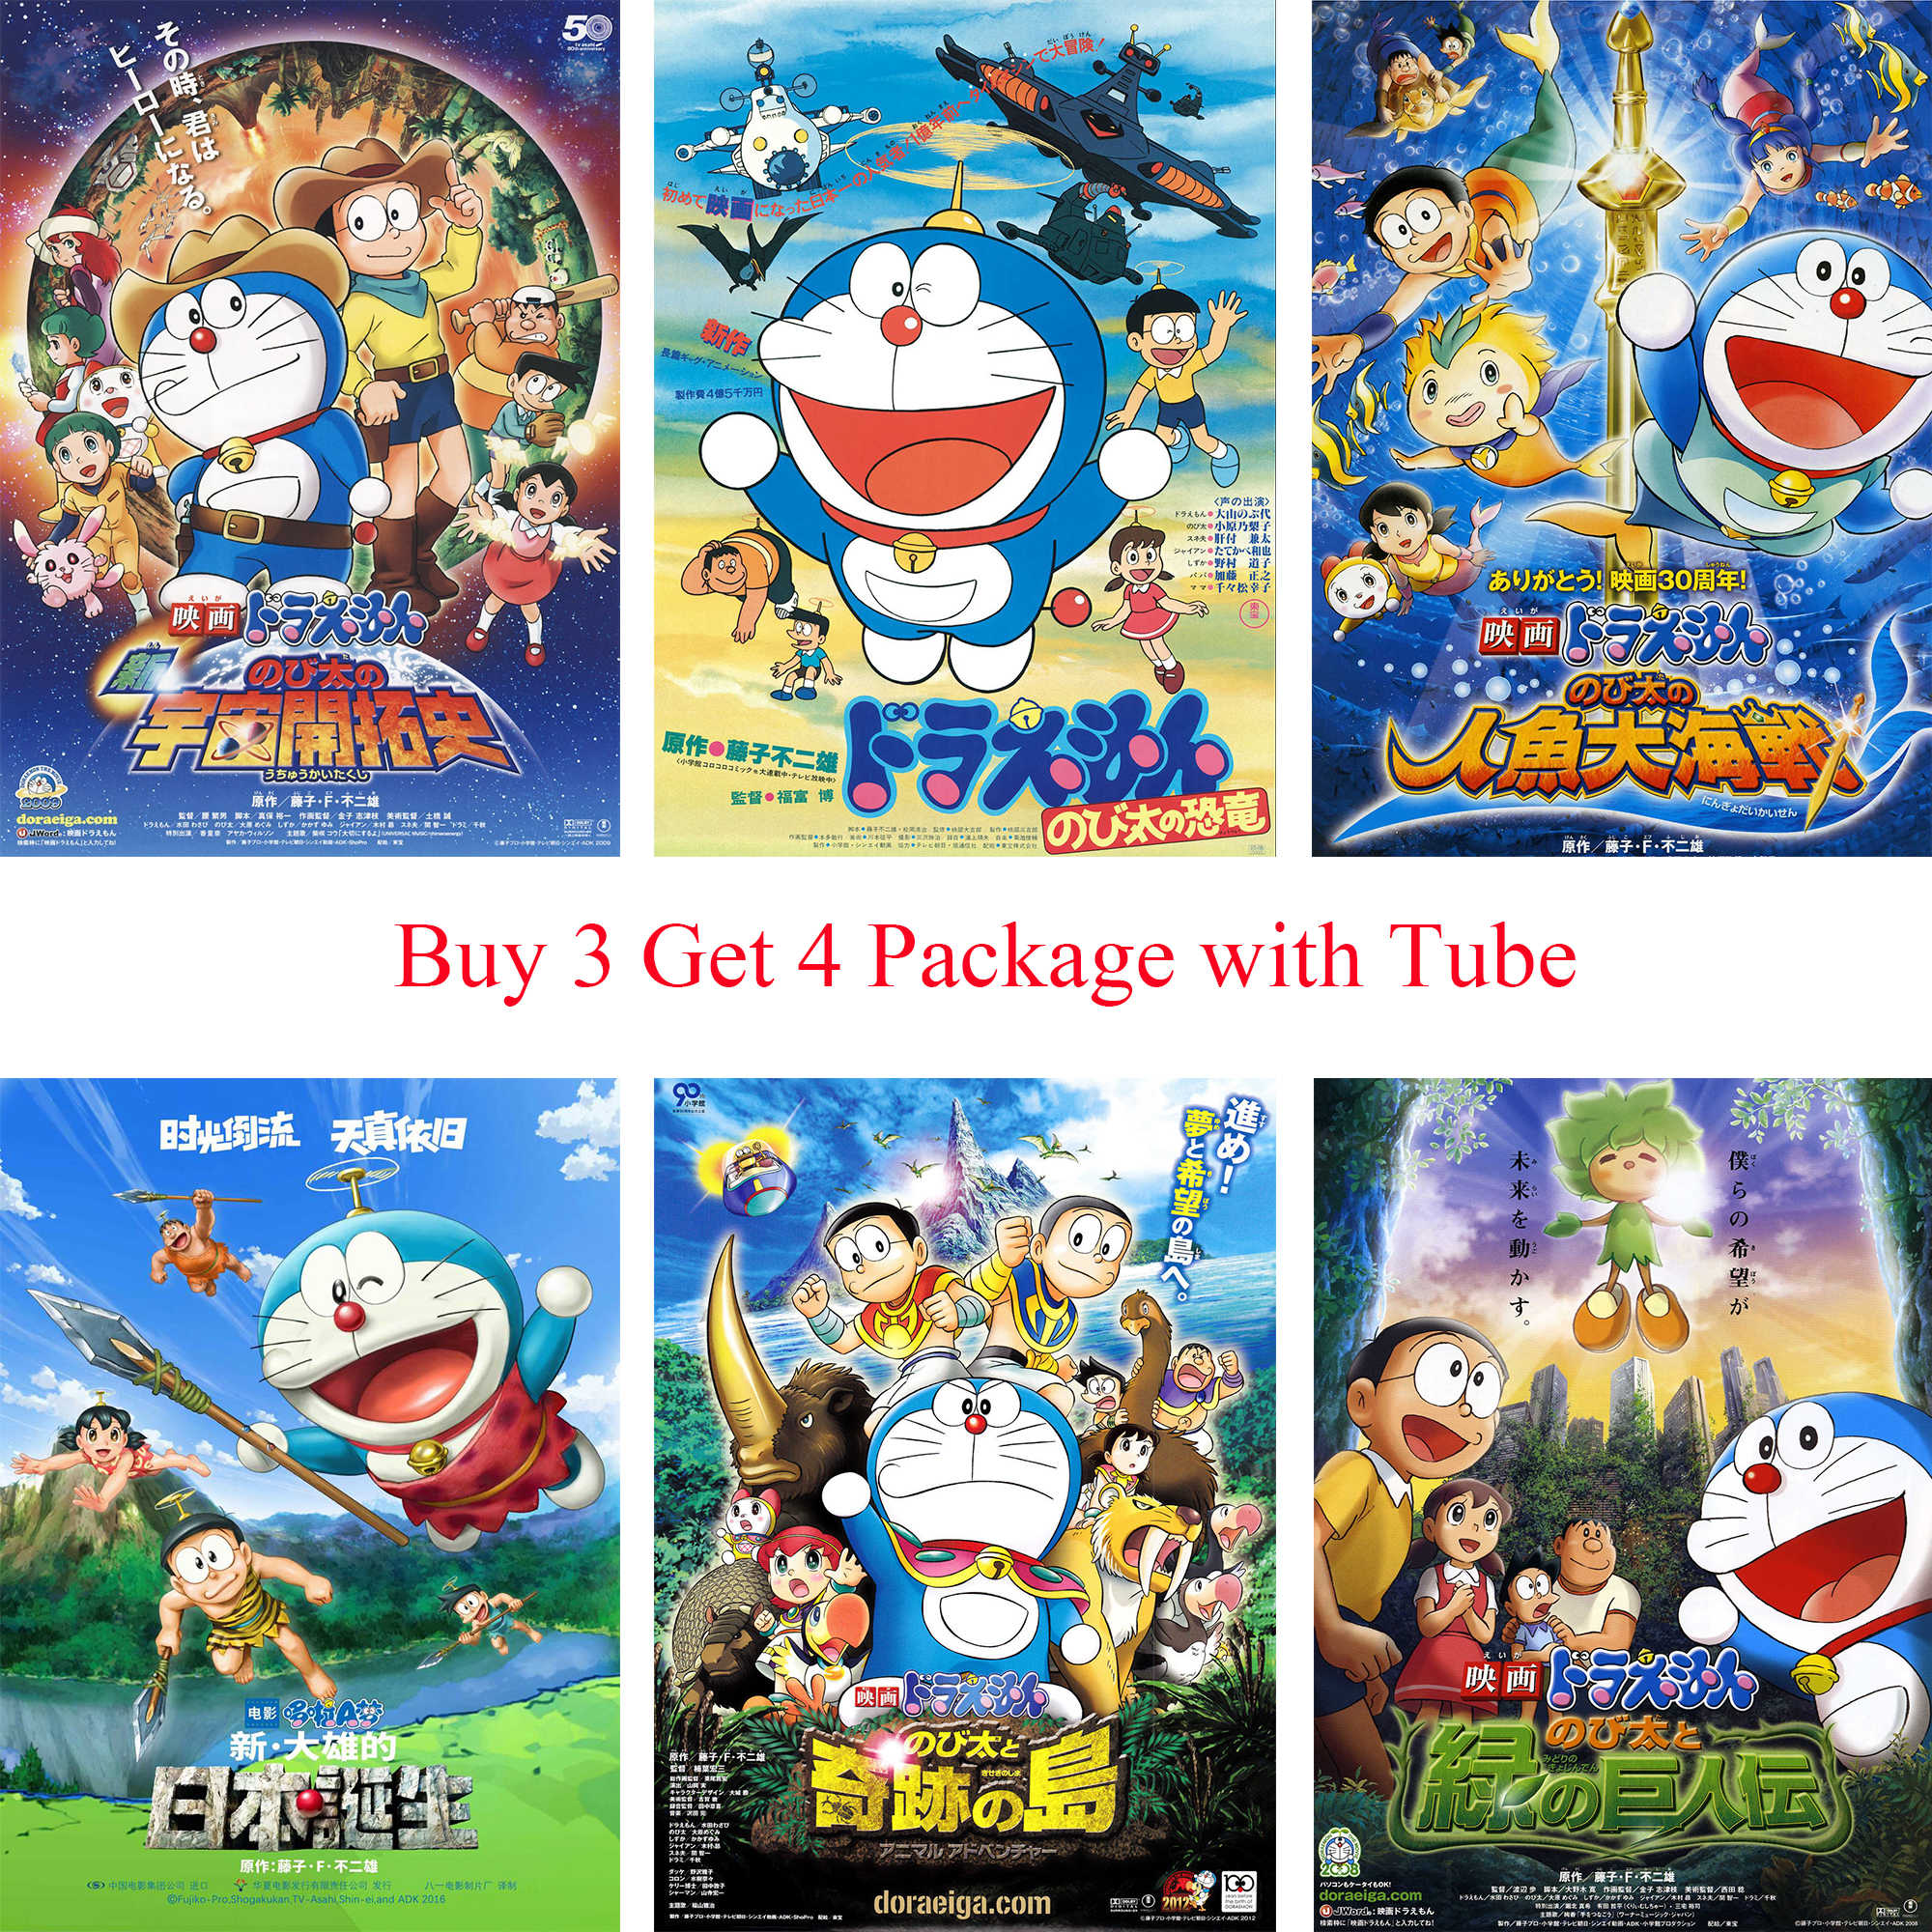 Doraemon Áp Phích Phim Hoạt Hình Trắng Tráng Giấy In Hình Ảnh Rõ Ràng Cao  Trang Trí Nội Thất Phòng Khách Phòng Ngủ Bar Home Art Brand|home art|home  decoranime poster - AliExpress